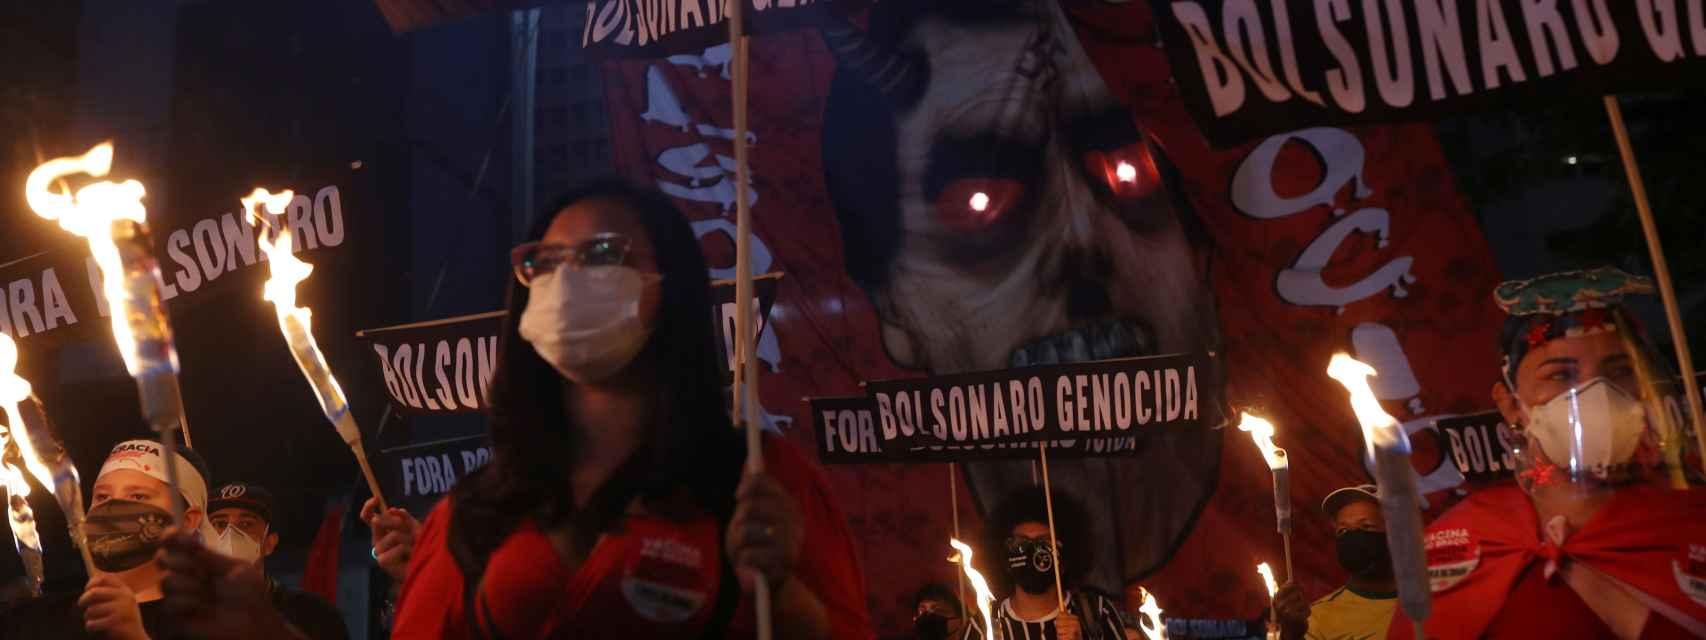 Manifestantes contra la gestión de Jair Bolsonaro de la pandemia, en Sao Paulo.